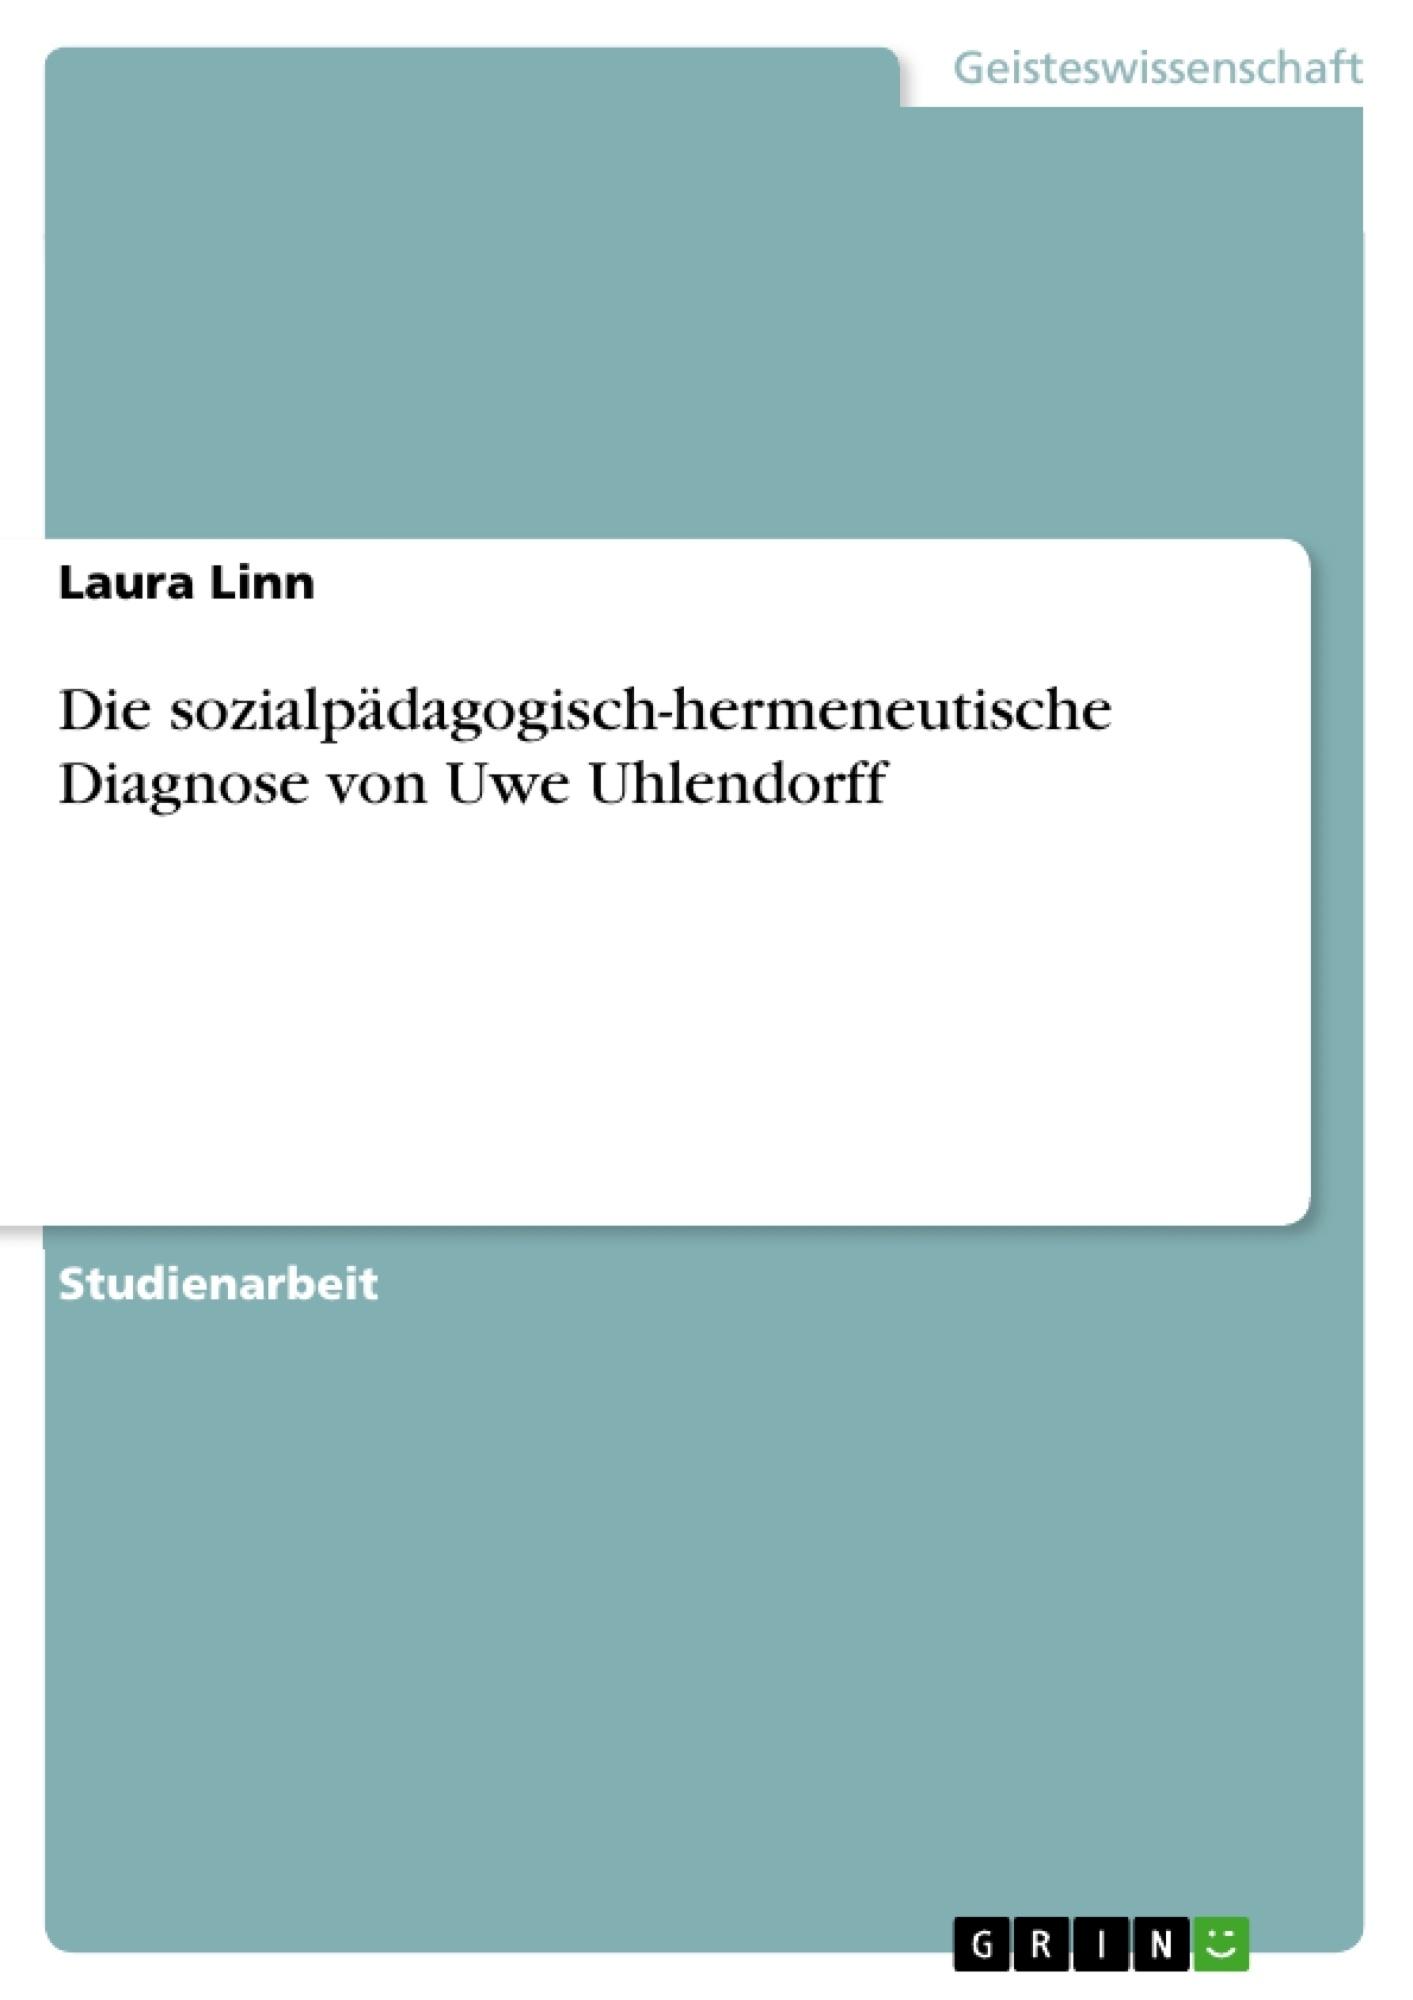 Titel: Die sozialpädagogisch-hermeneutische Diagnose von Uwe Uhlendorff